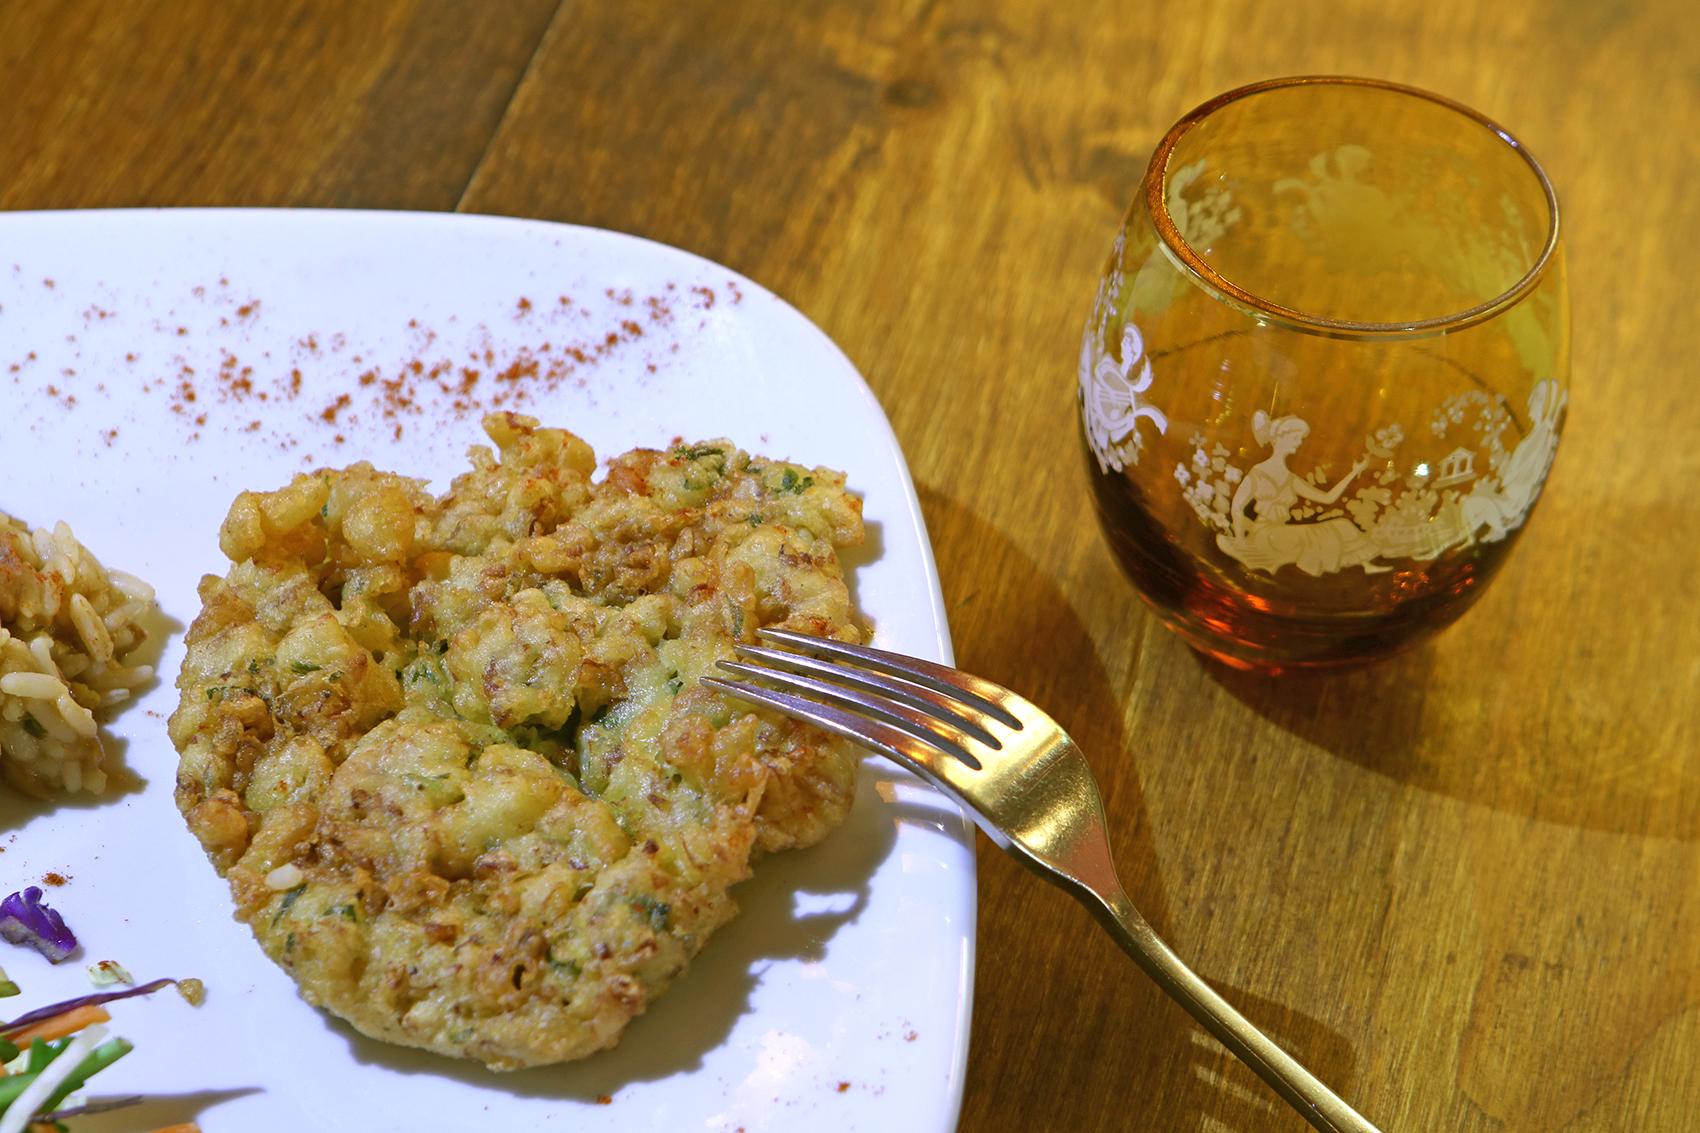 Food_Tour_Portimao_Patanisca de Polvo